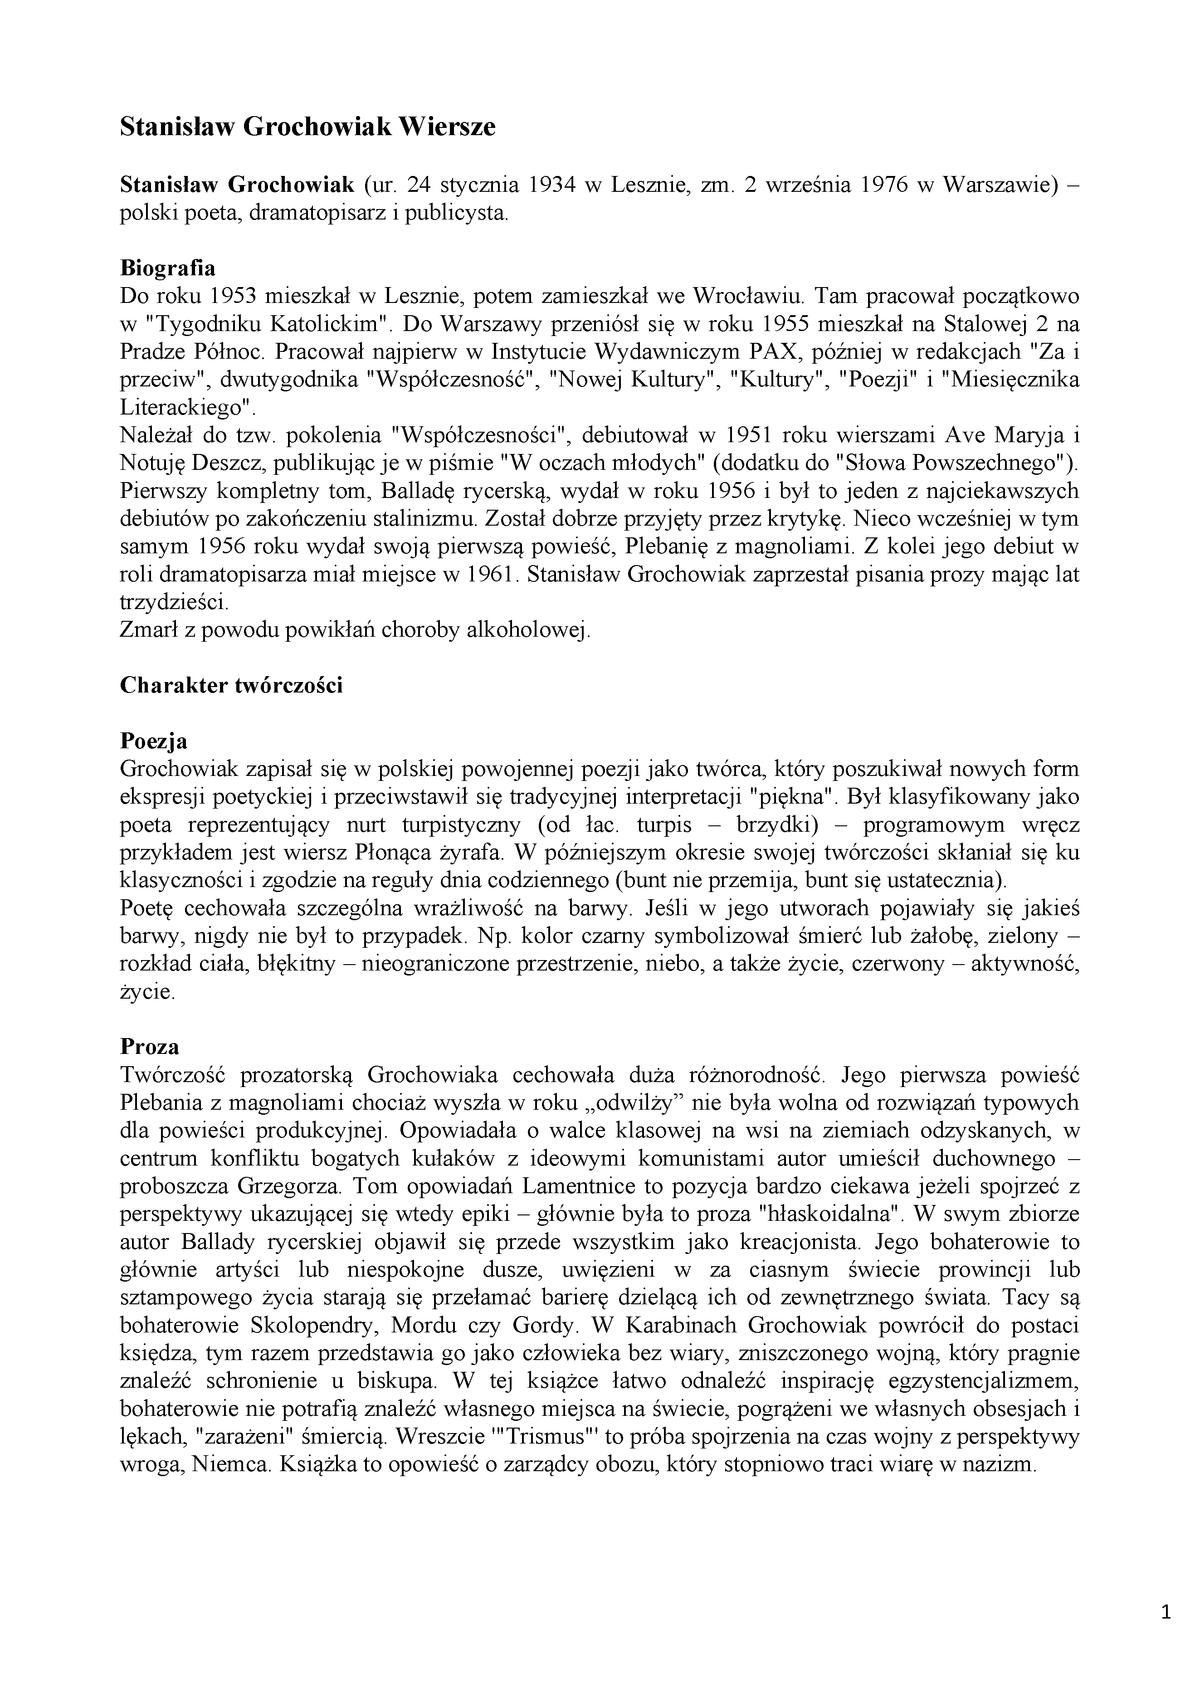 Grochowiak Stanisław Wiersze Filologia Polska Uwm